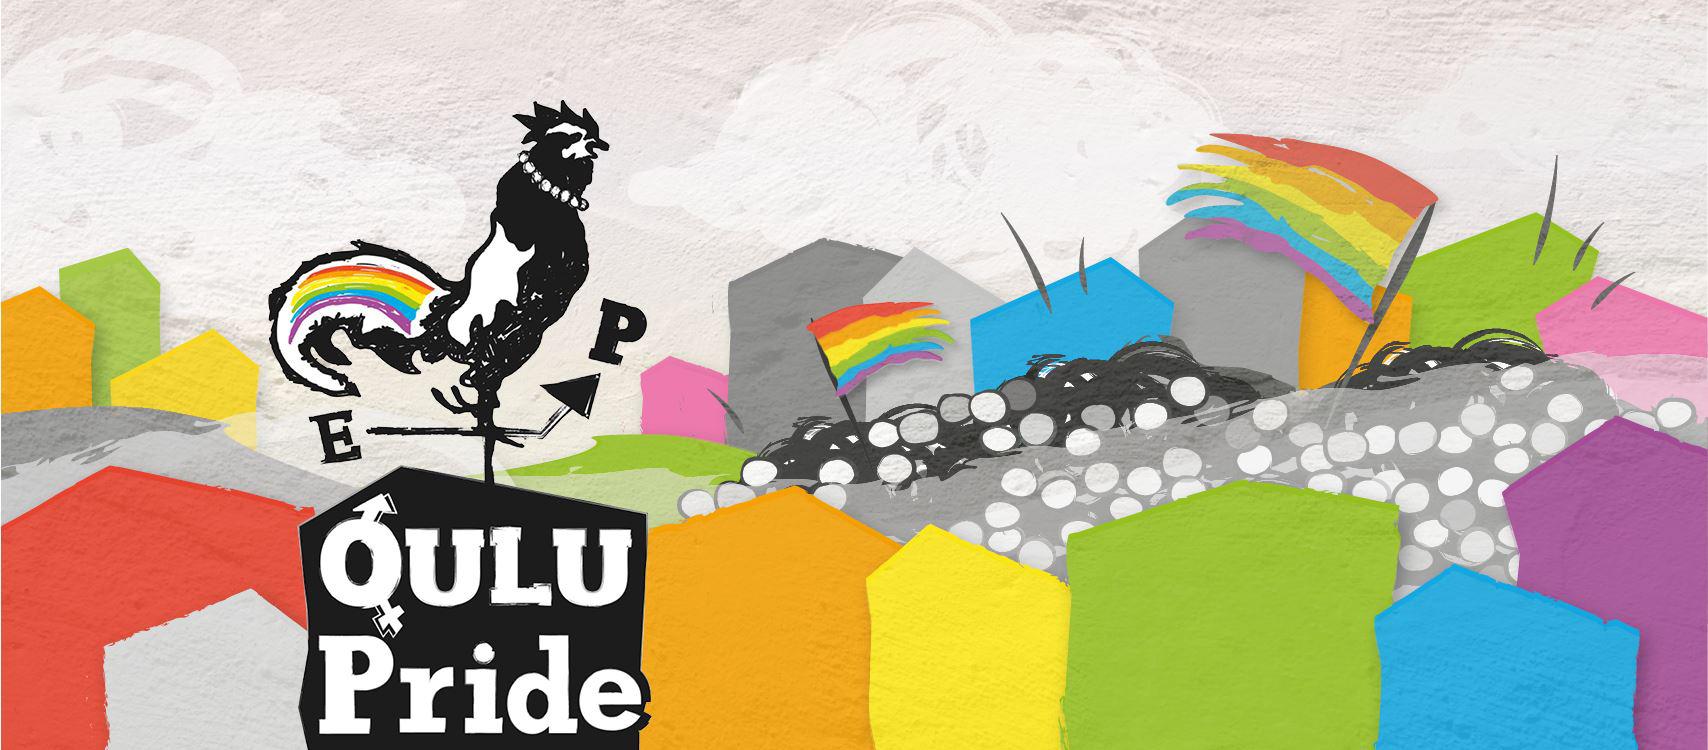 Oulu Pride 2021